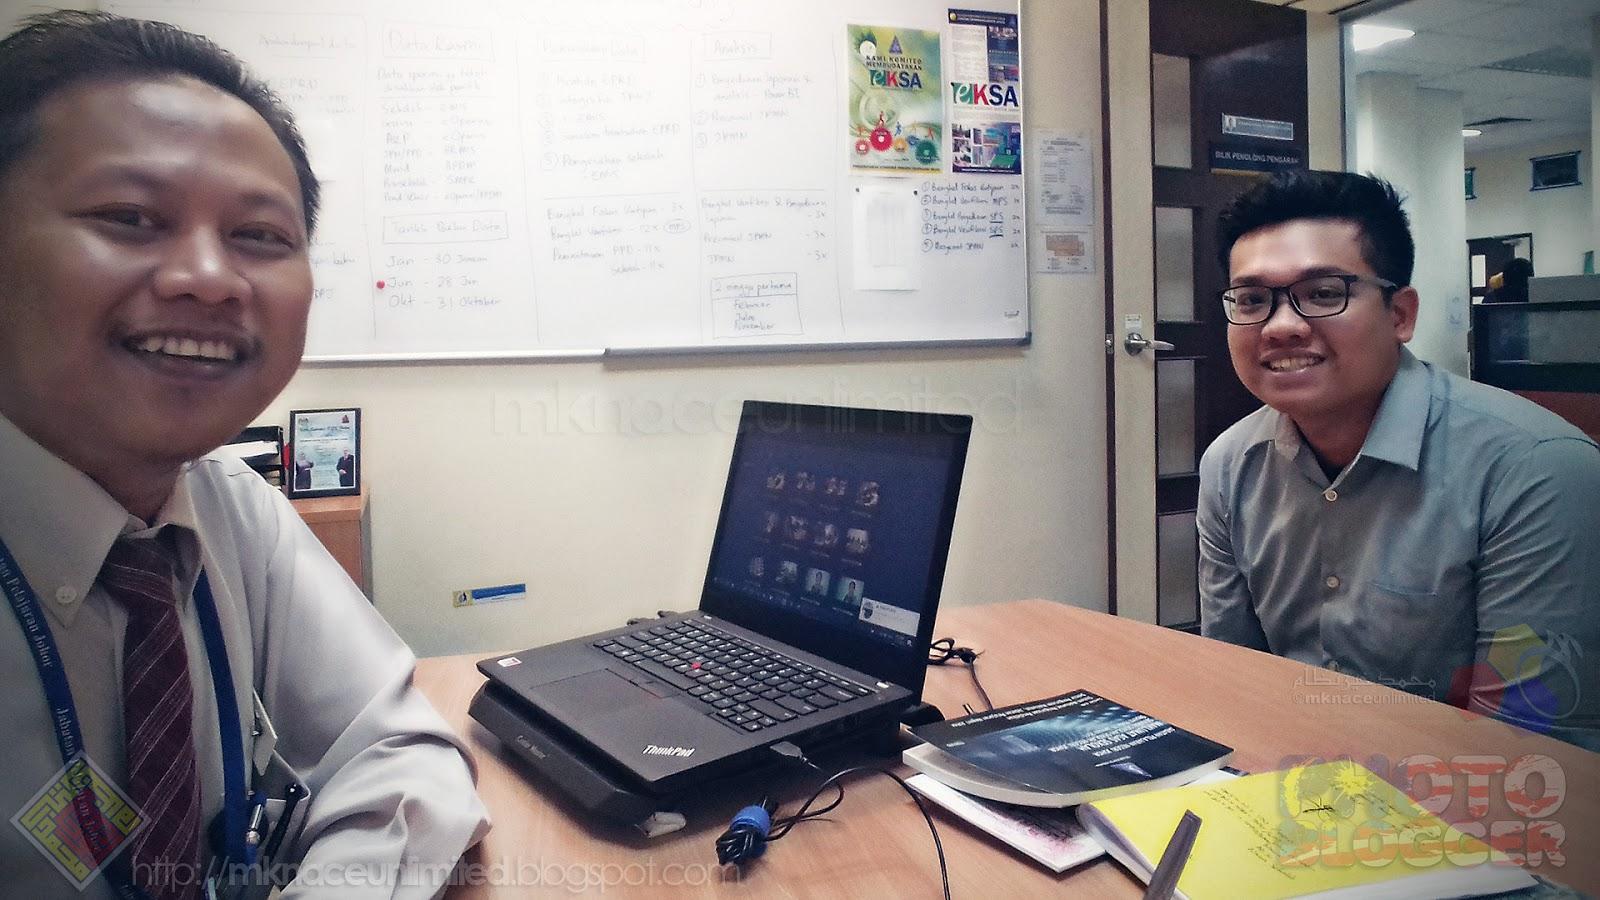 Pelajar Praktikal Spmict 2018 Fakhrul Mknace Unlimited The Roti Tissue By Canai Ikhwan Gh Corner Mks Akhirnya Dapat Jugak Duduk Bersemuka Jap Dengan Sorang Lagi Yang Terlepas Ni Hehehe Banyak Buat Kerja Teknikal